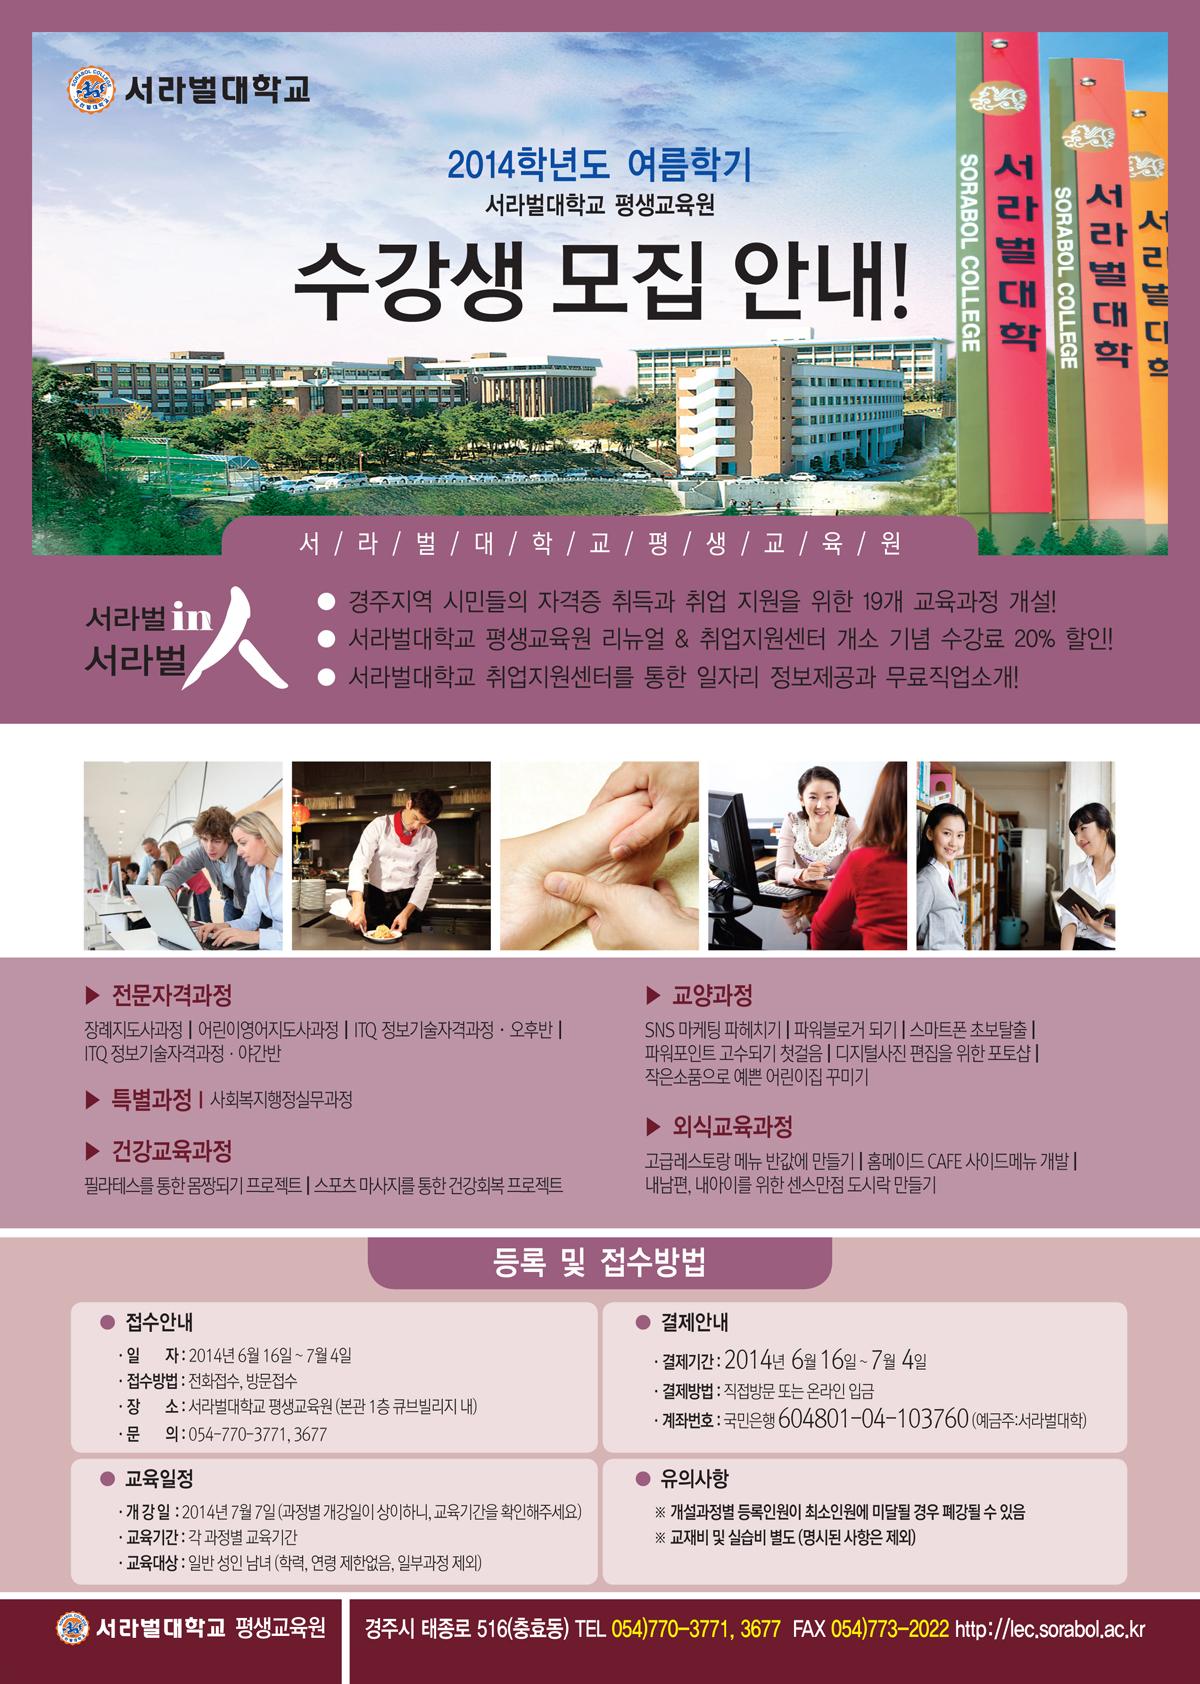 2016년 서라벌대학교 ON/OFF LINE 통합 마케팅 대행